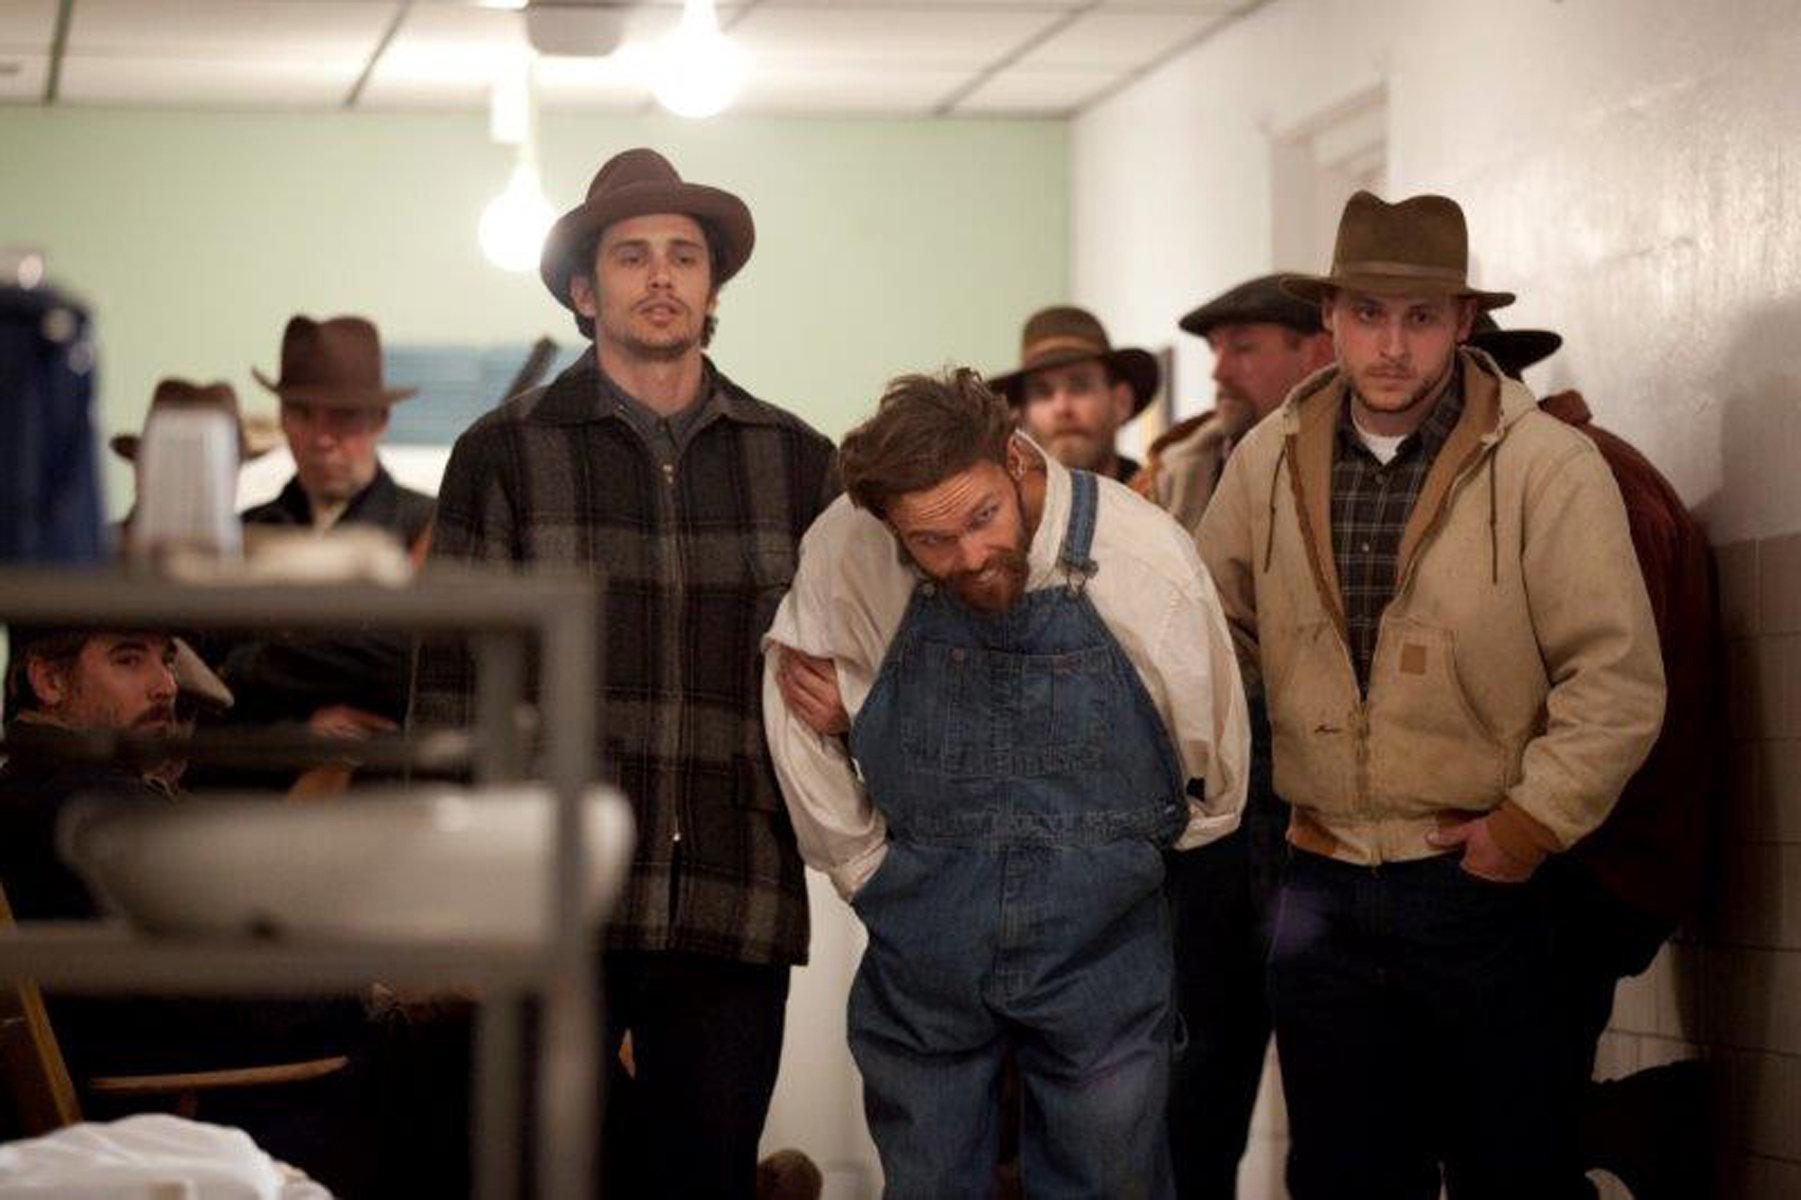 New York Film Festival 2013: Child of God Review